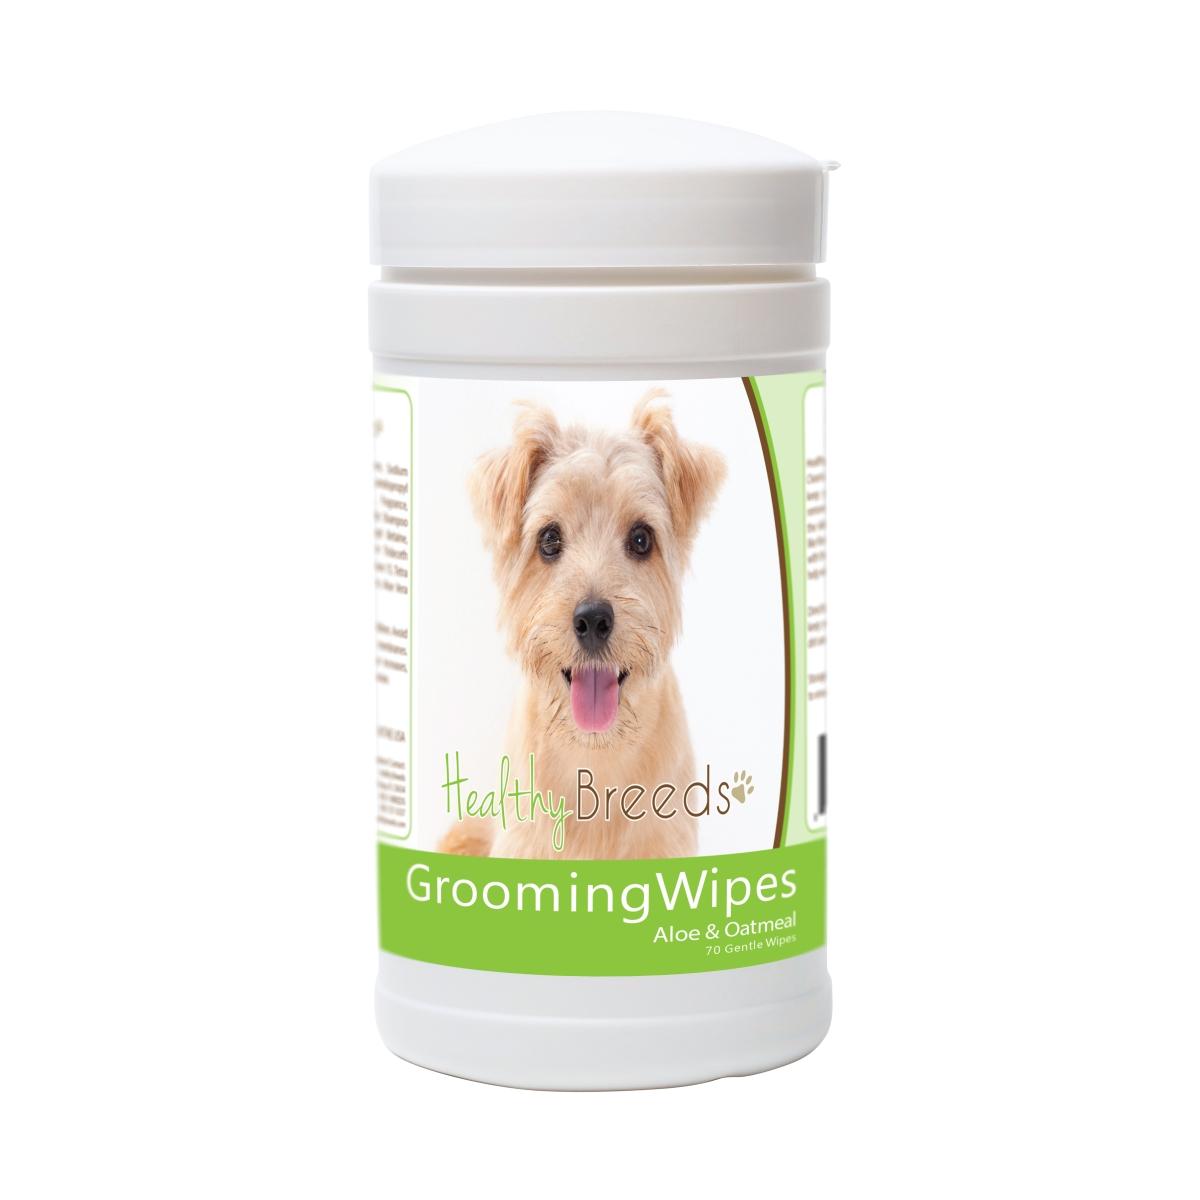 Healthy Breeds 840235174141 Norfolk Terrier Grooming Wipes - 70 Count